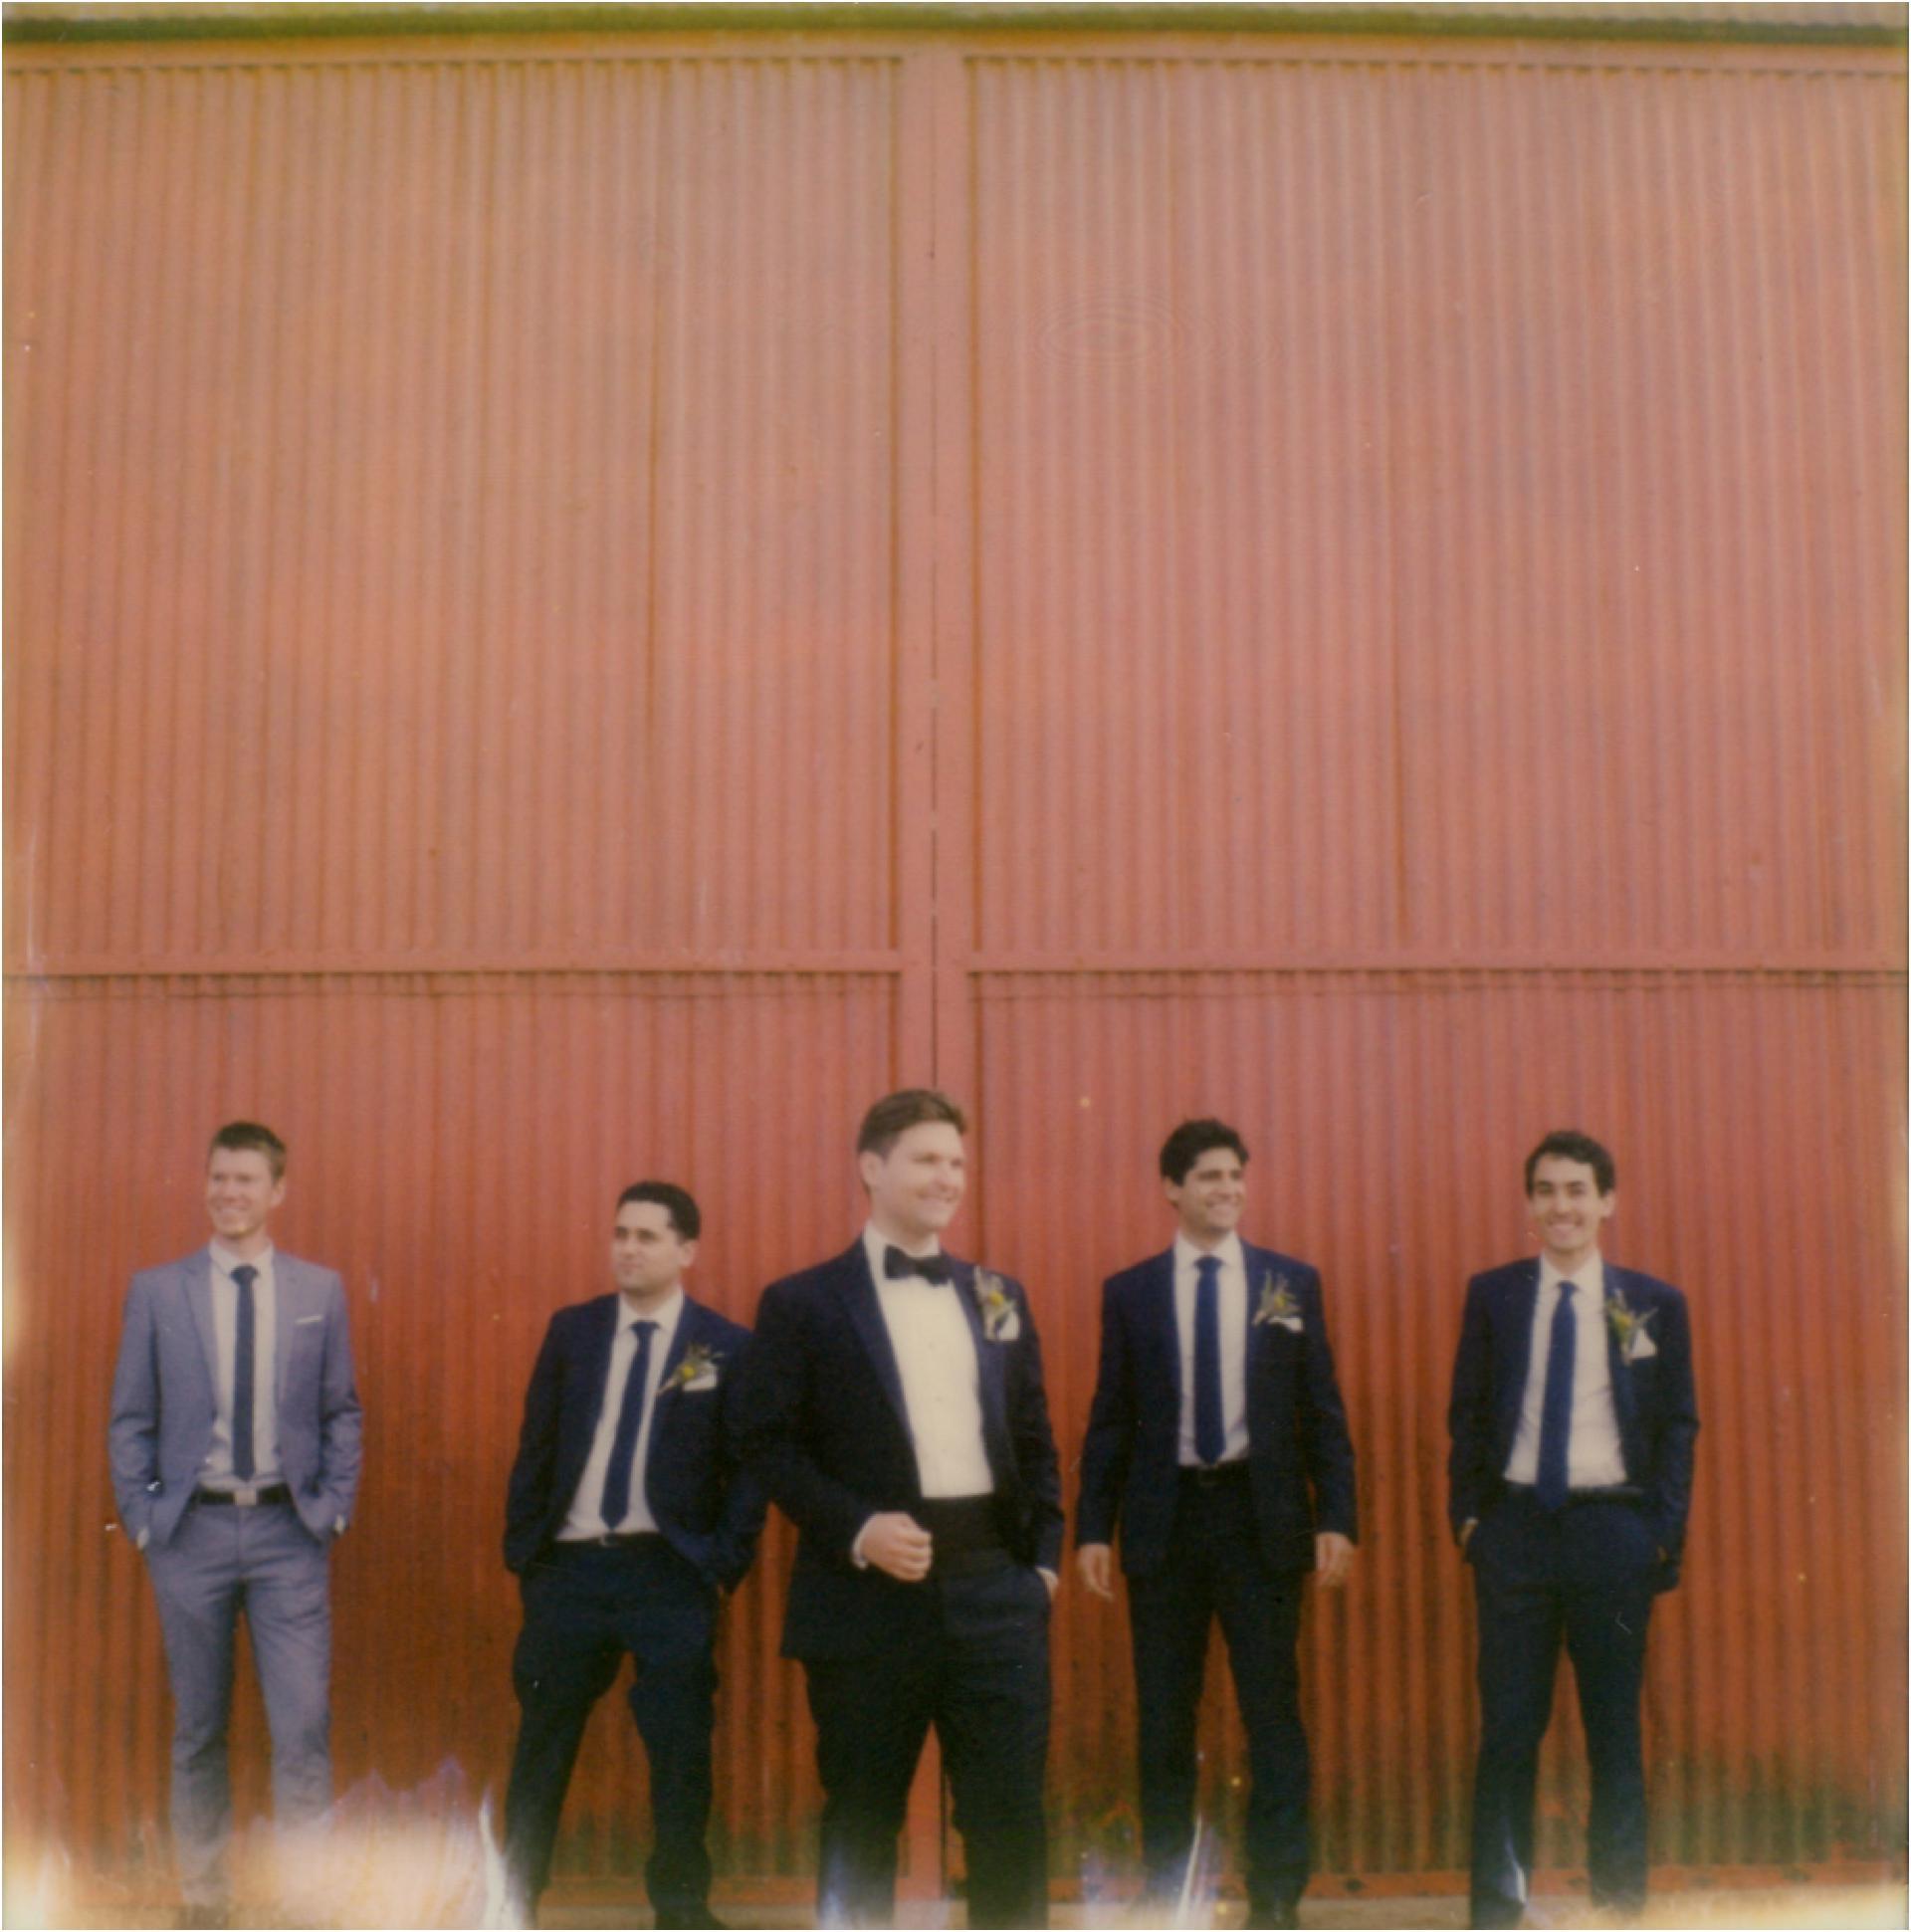 weddingsonfilmphotosbyzoe83